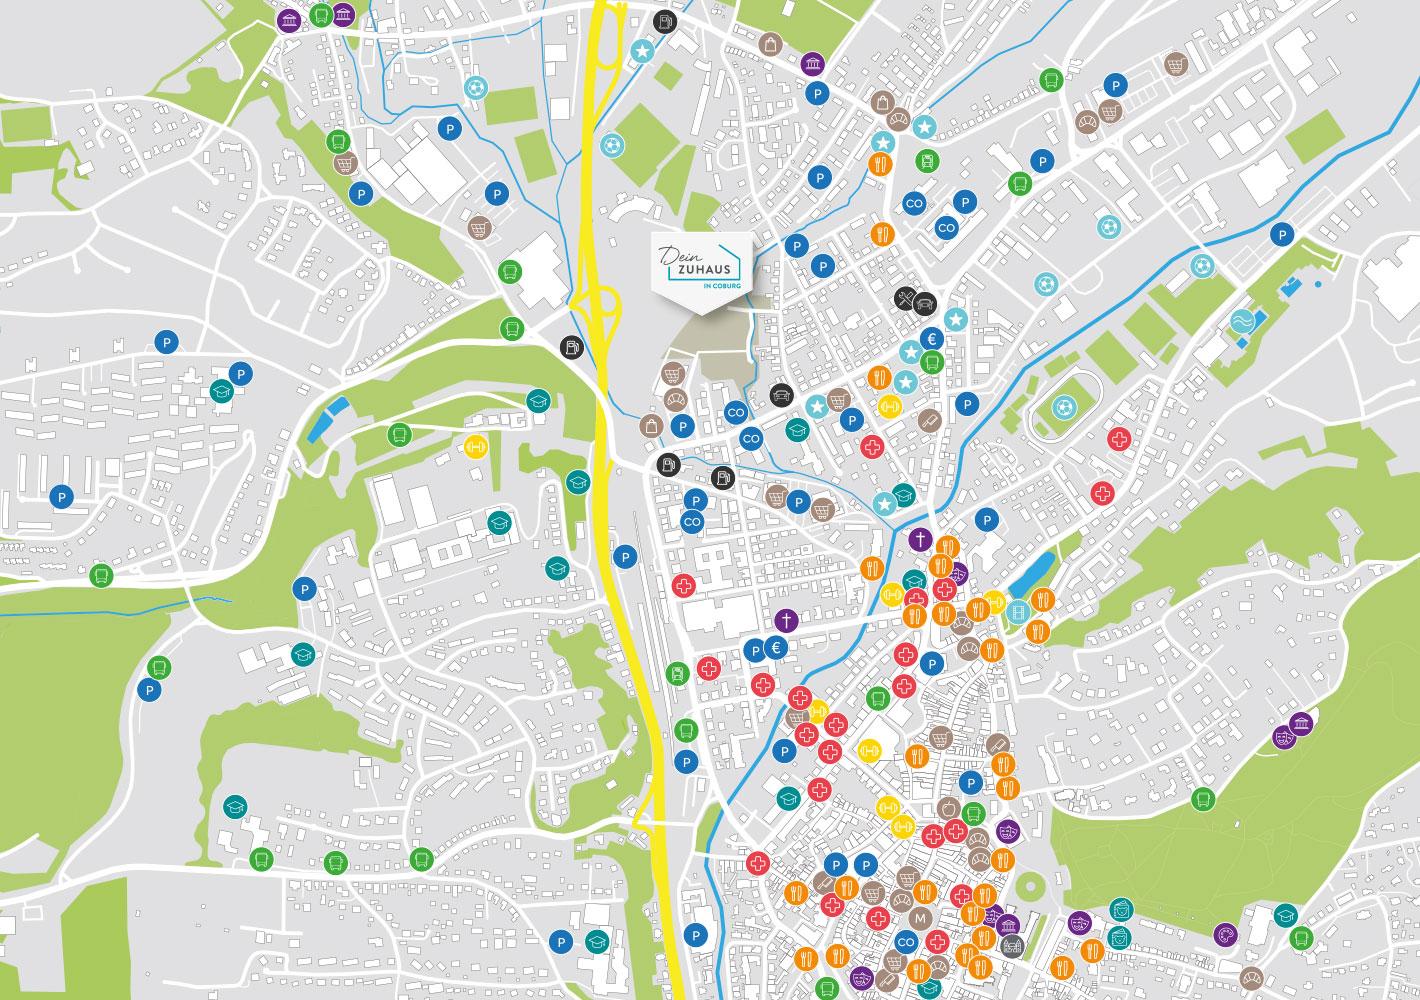 Bezuschusstes Wohnen | Dein Zuhaus in Coburg